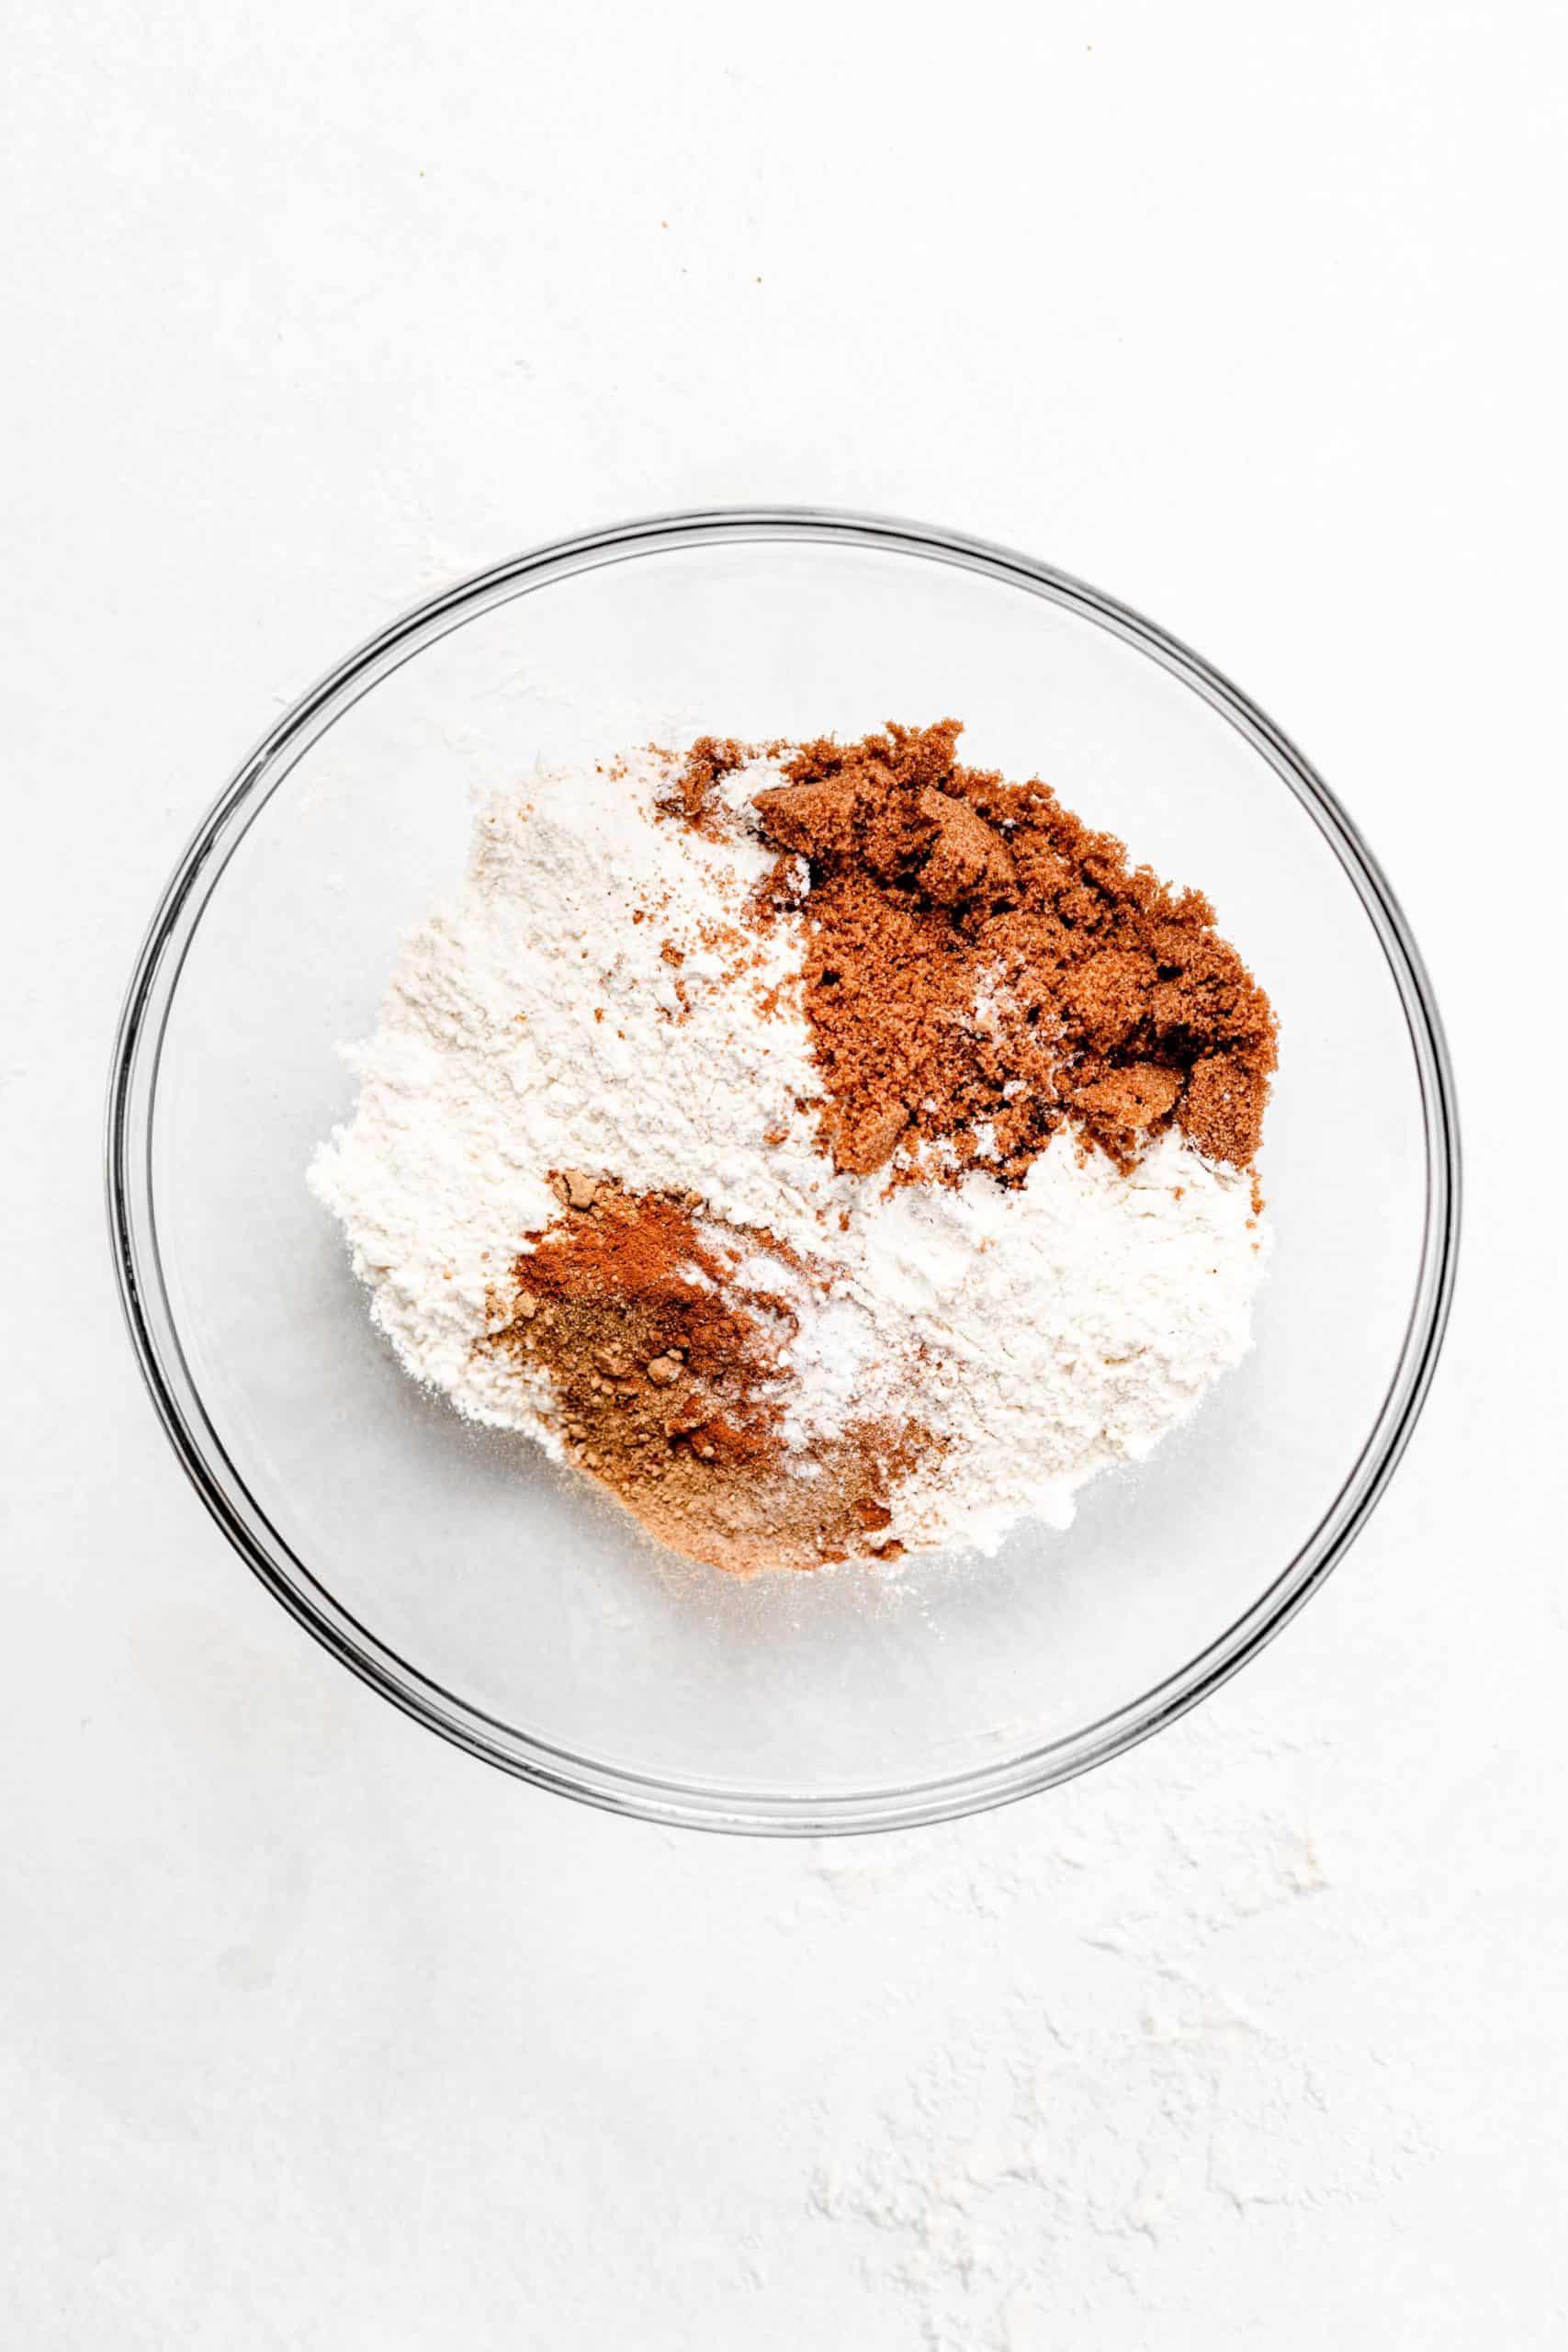 gingerbread ingredients in bowl